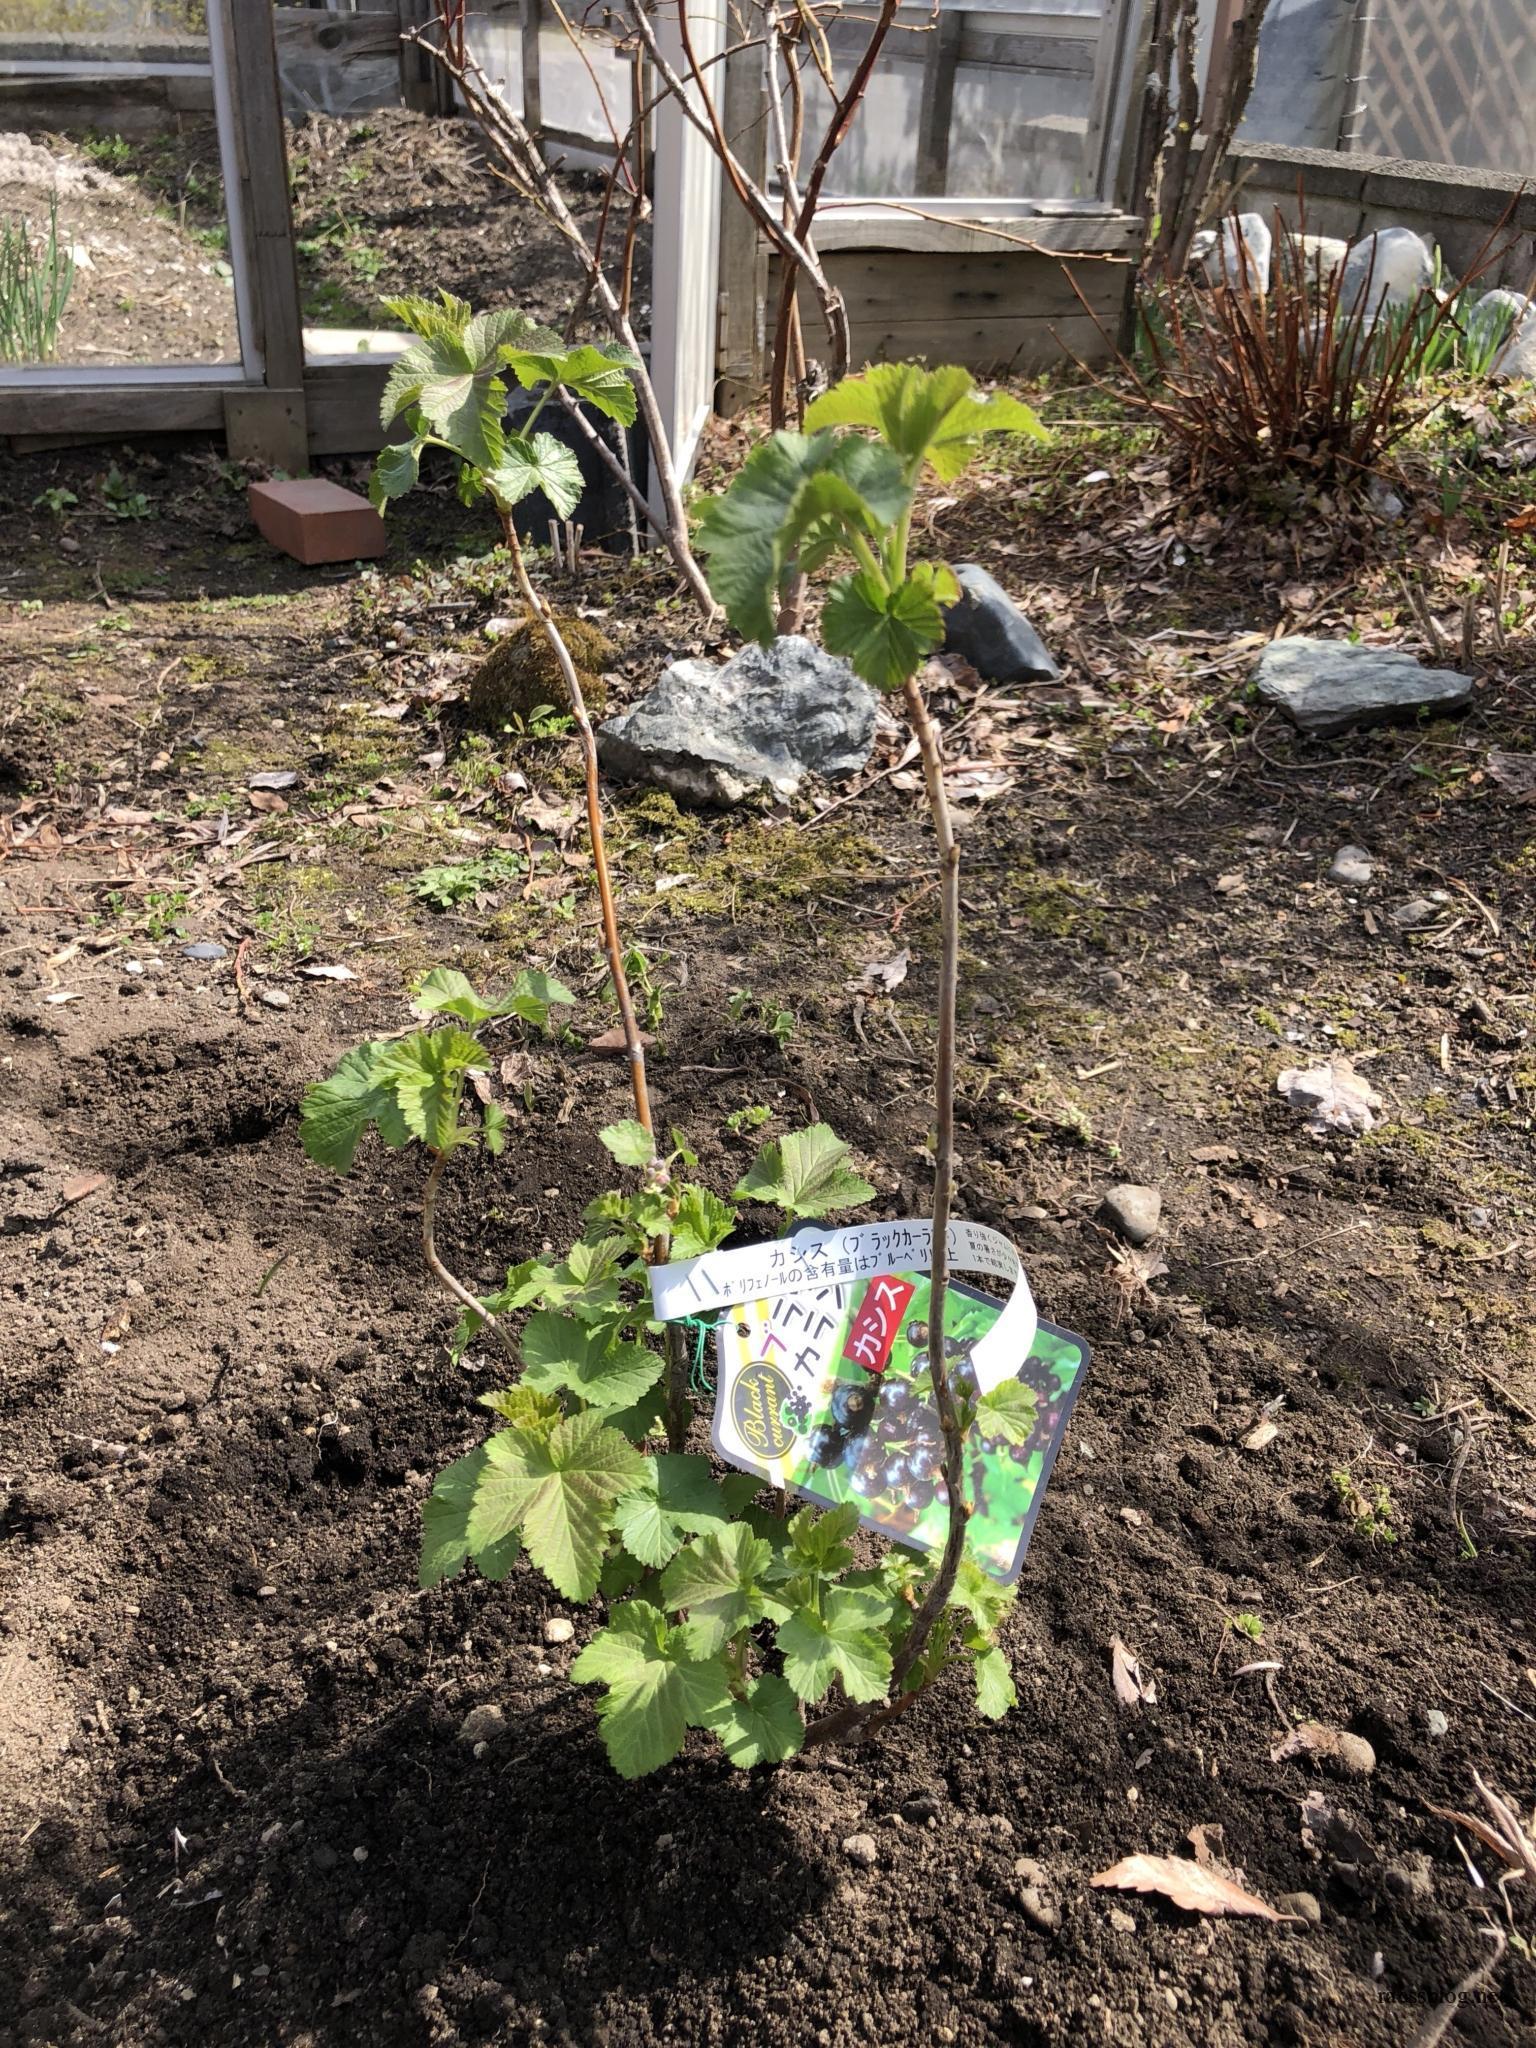 カシス(ブラックカラント)は北海道なら育て方も簡単!地植えしました